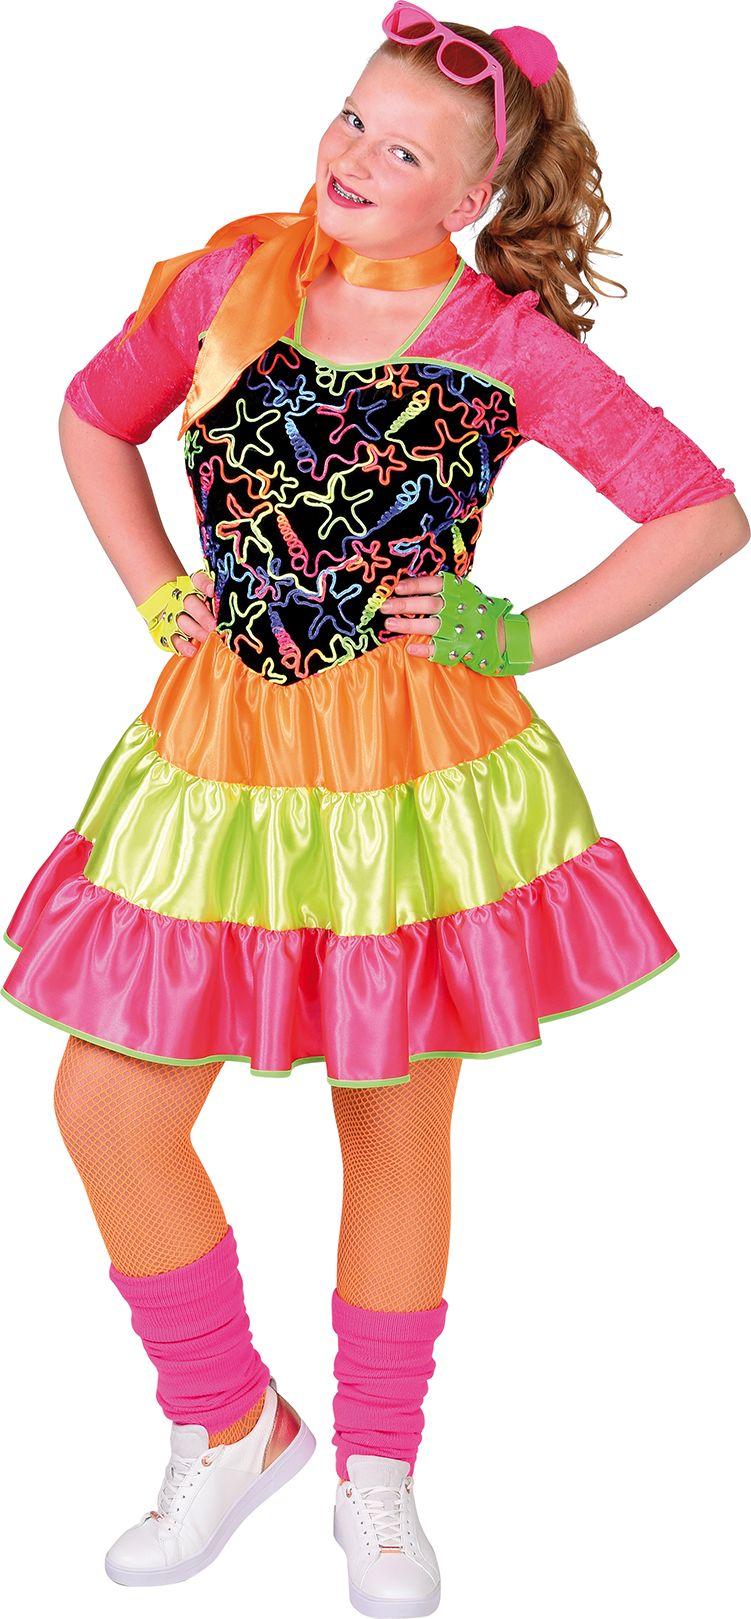 Meisjes disco jurk fluor